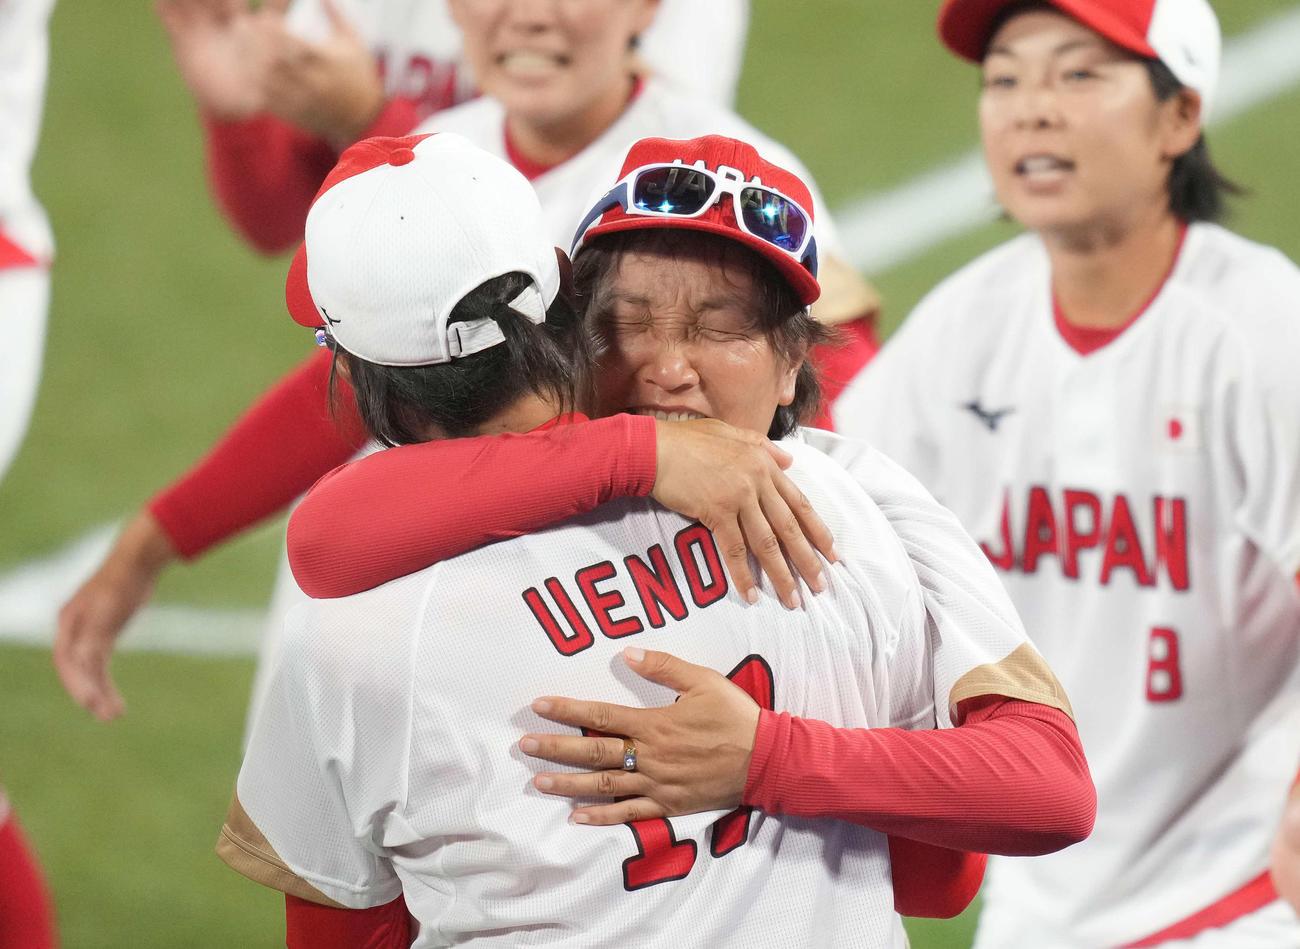 日本対米国 米国に勝利し優勝を決め、上野(左)と抱き合って喜ぶ宇津木監督(撮影・鈴木みどり)